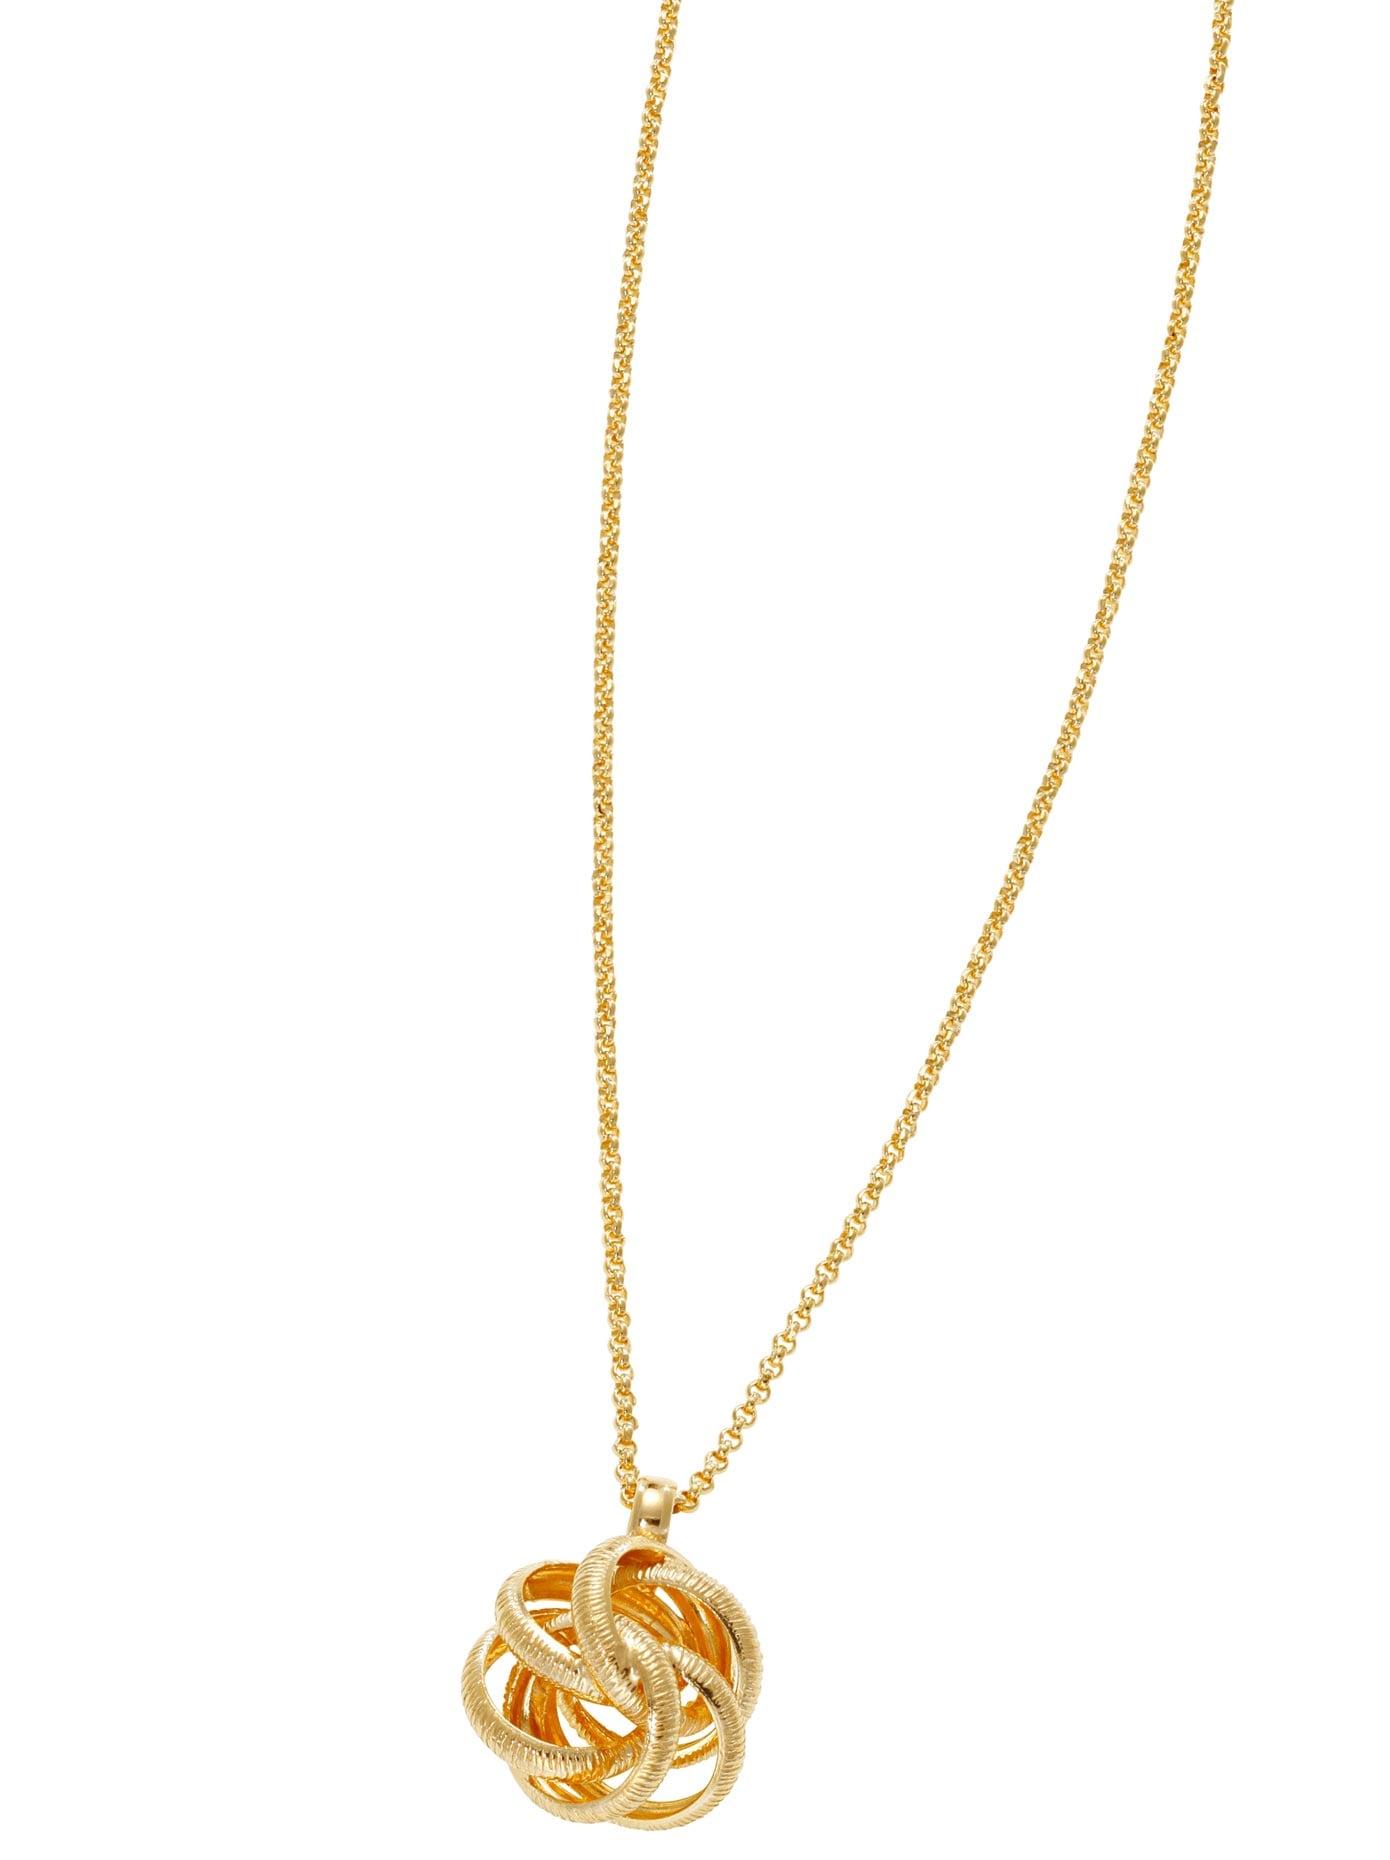 Halsketten & Anhänger Elefanten Holz Perlen Creme Kette Elefanten Rot Halskette Neu Um Eine Reibungslose üBertragung Zu GewäHrleisten Uhren & Schmuck